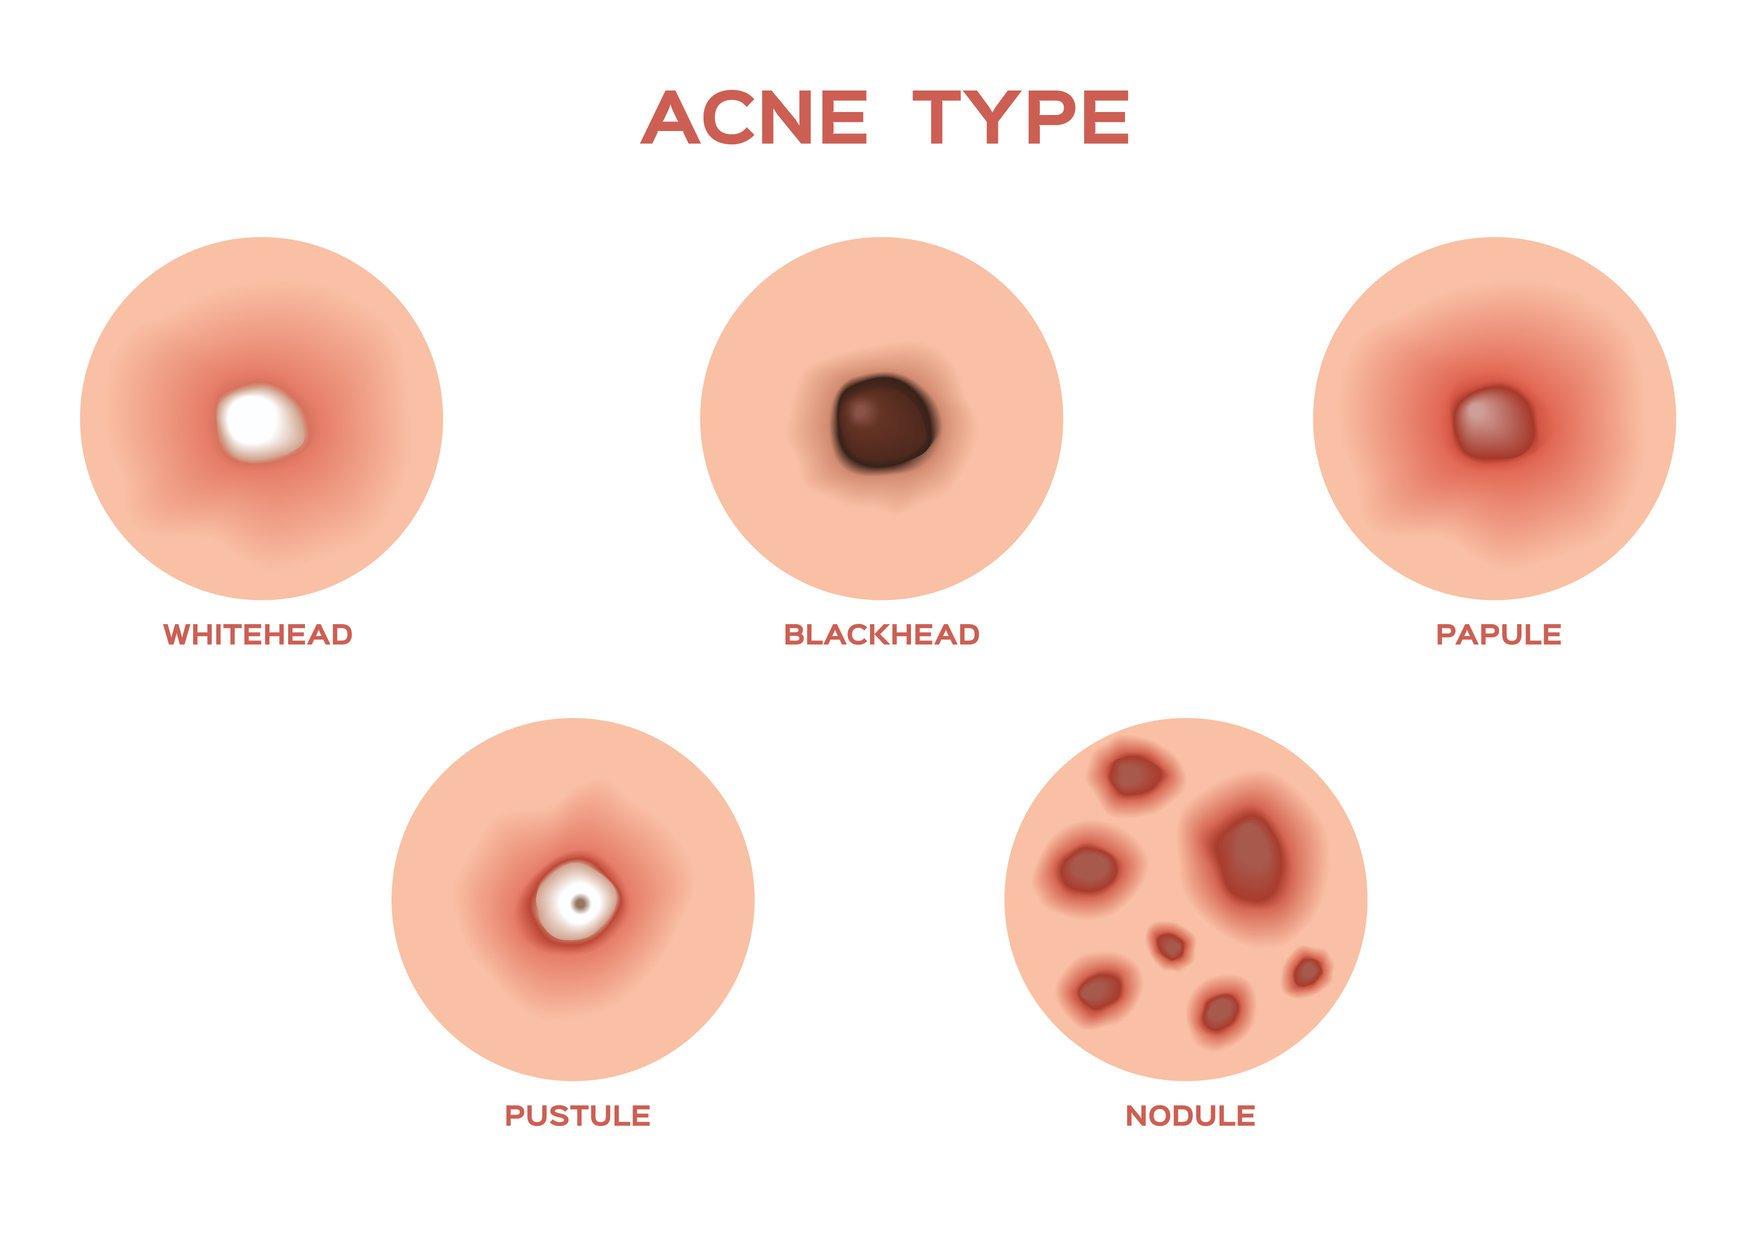 acne_types-1